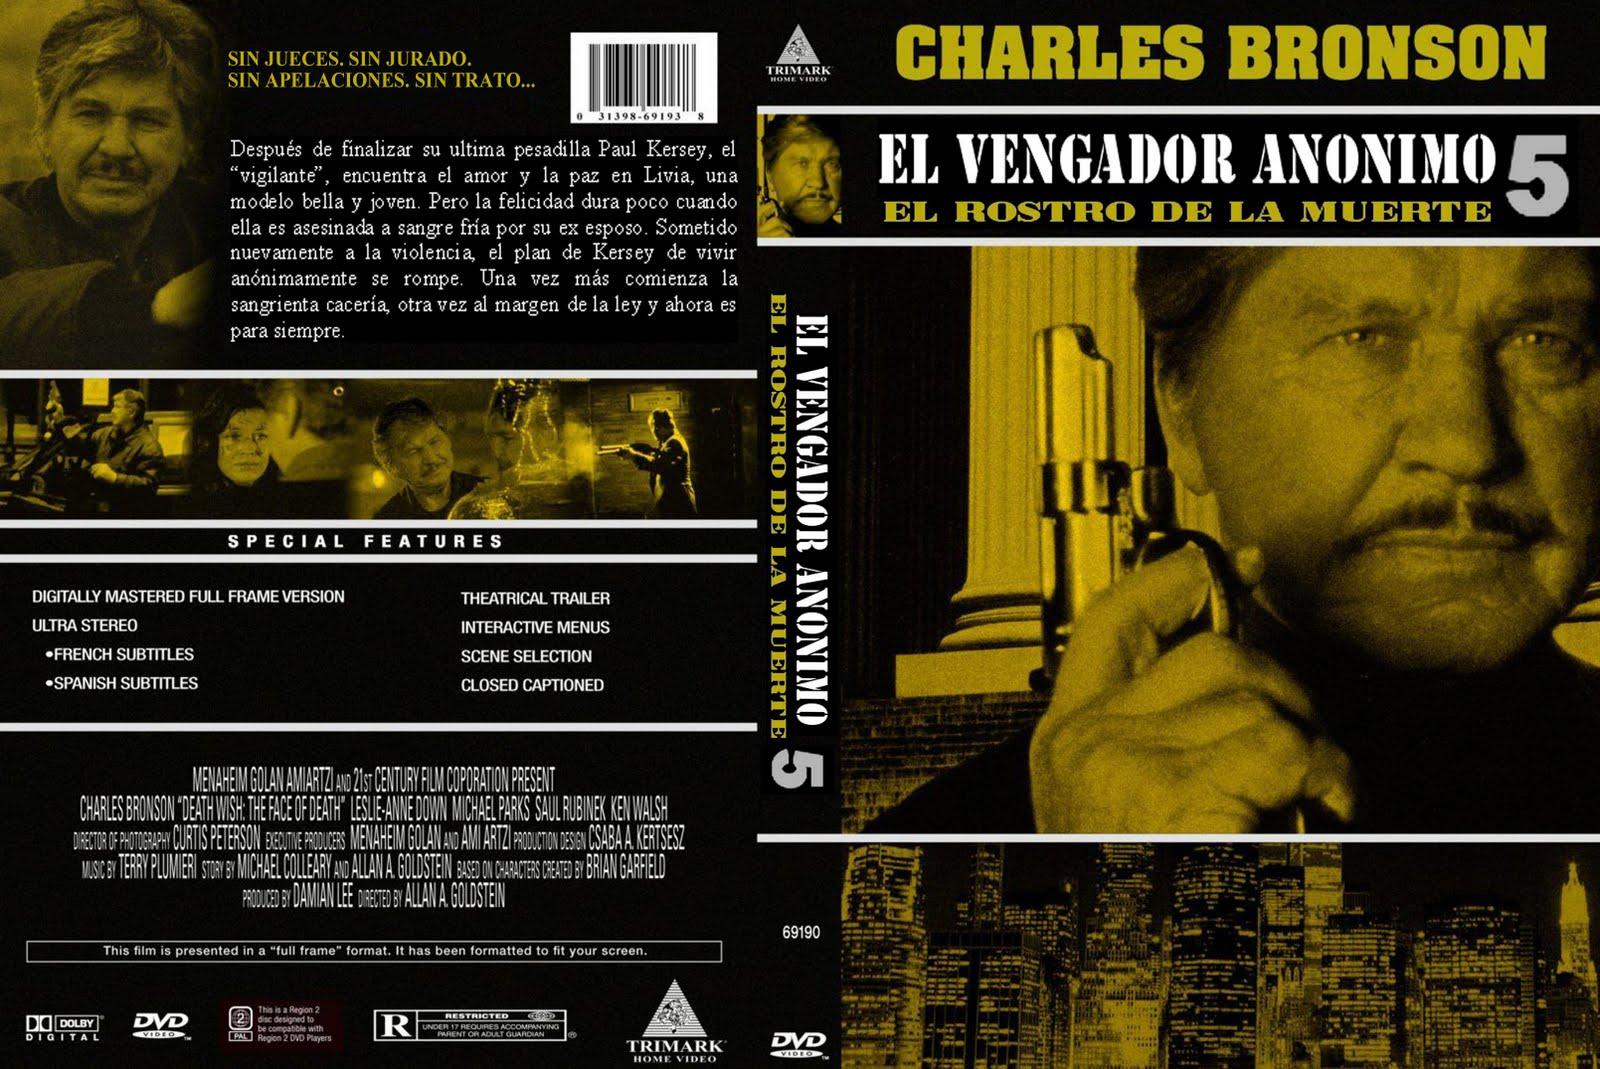 Peliculas en dvd: Vengador anonimo 4 y 5